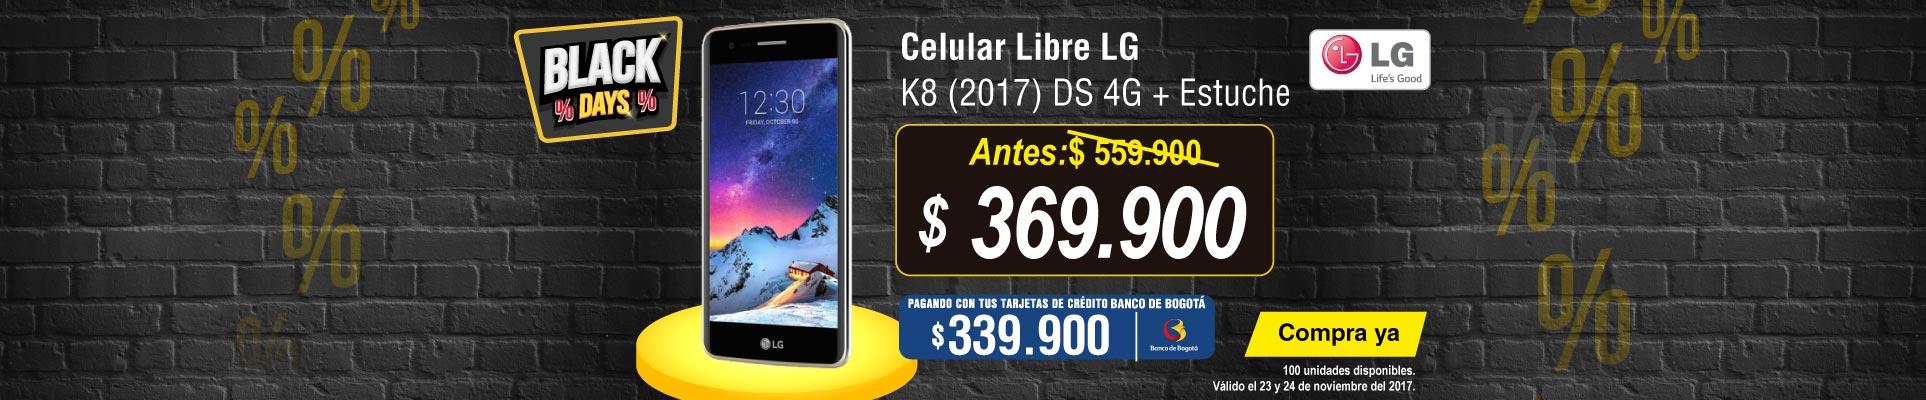 PPAL ALKP-5-celulares-Celular Libre LG K8 (2017) DS 4G-prod-noviembre23-24-blackfriday